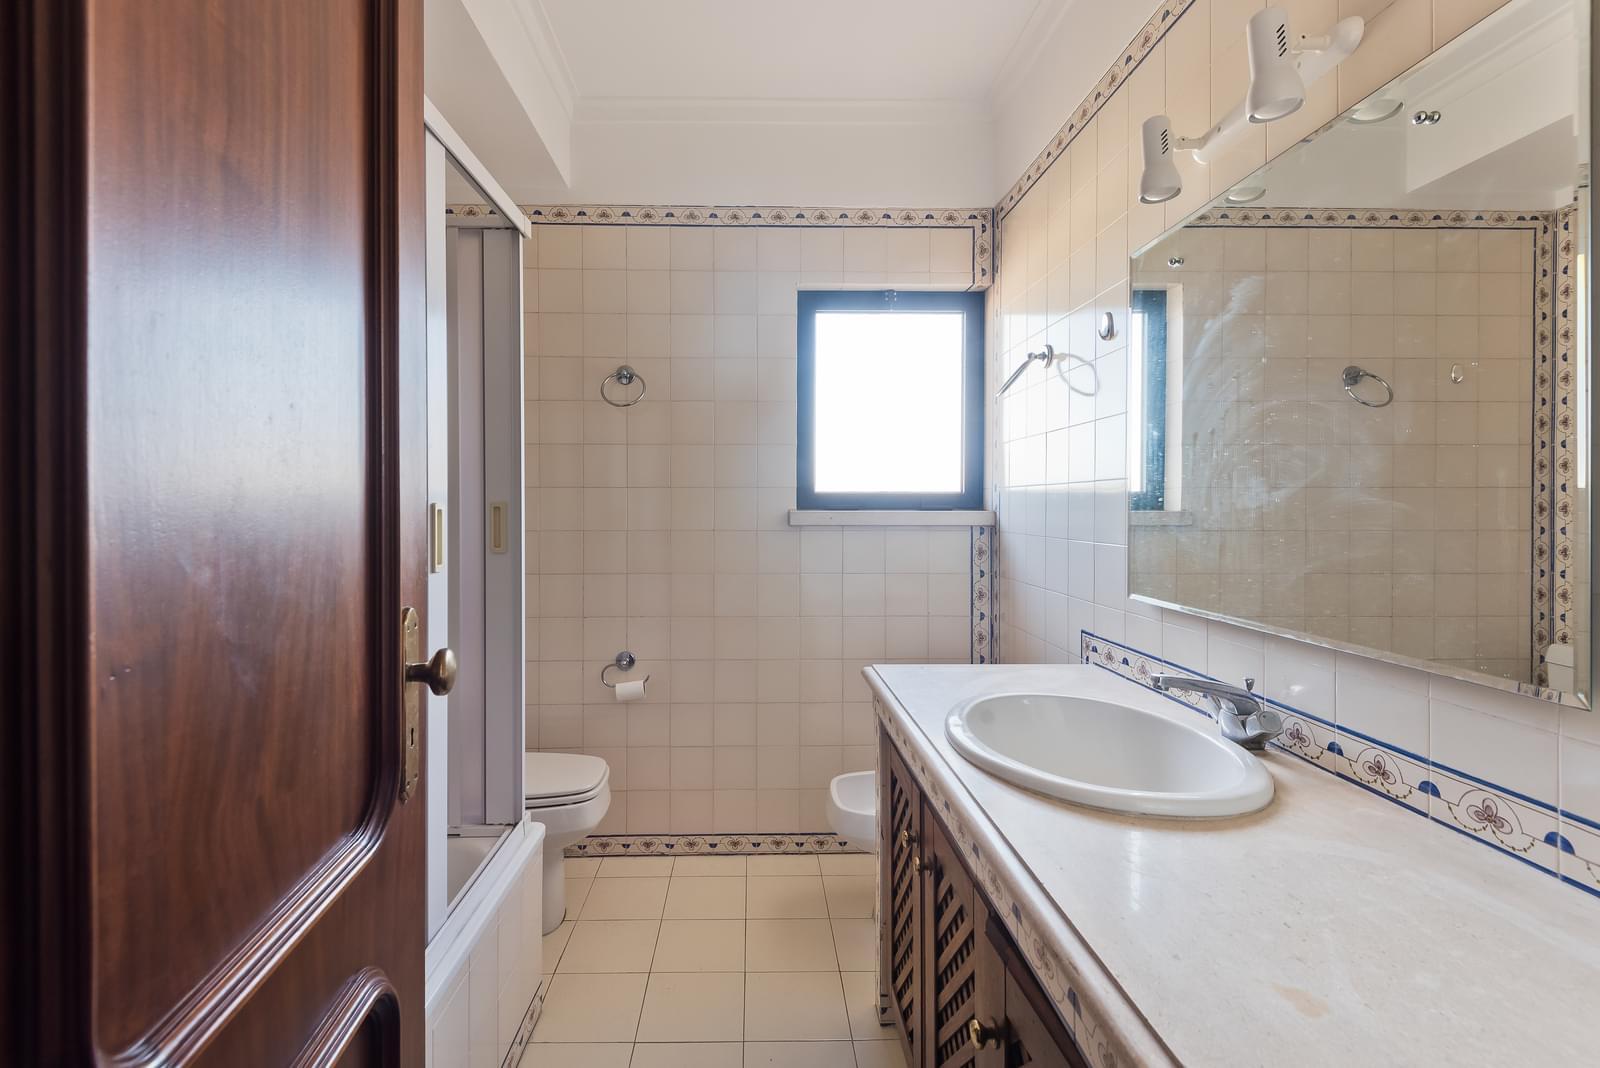 pf18730-apartamento-t2-cascais-2a999fd5-4726-4034-b2d4-e862420ea772